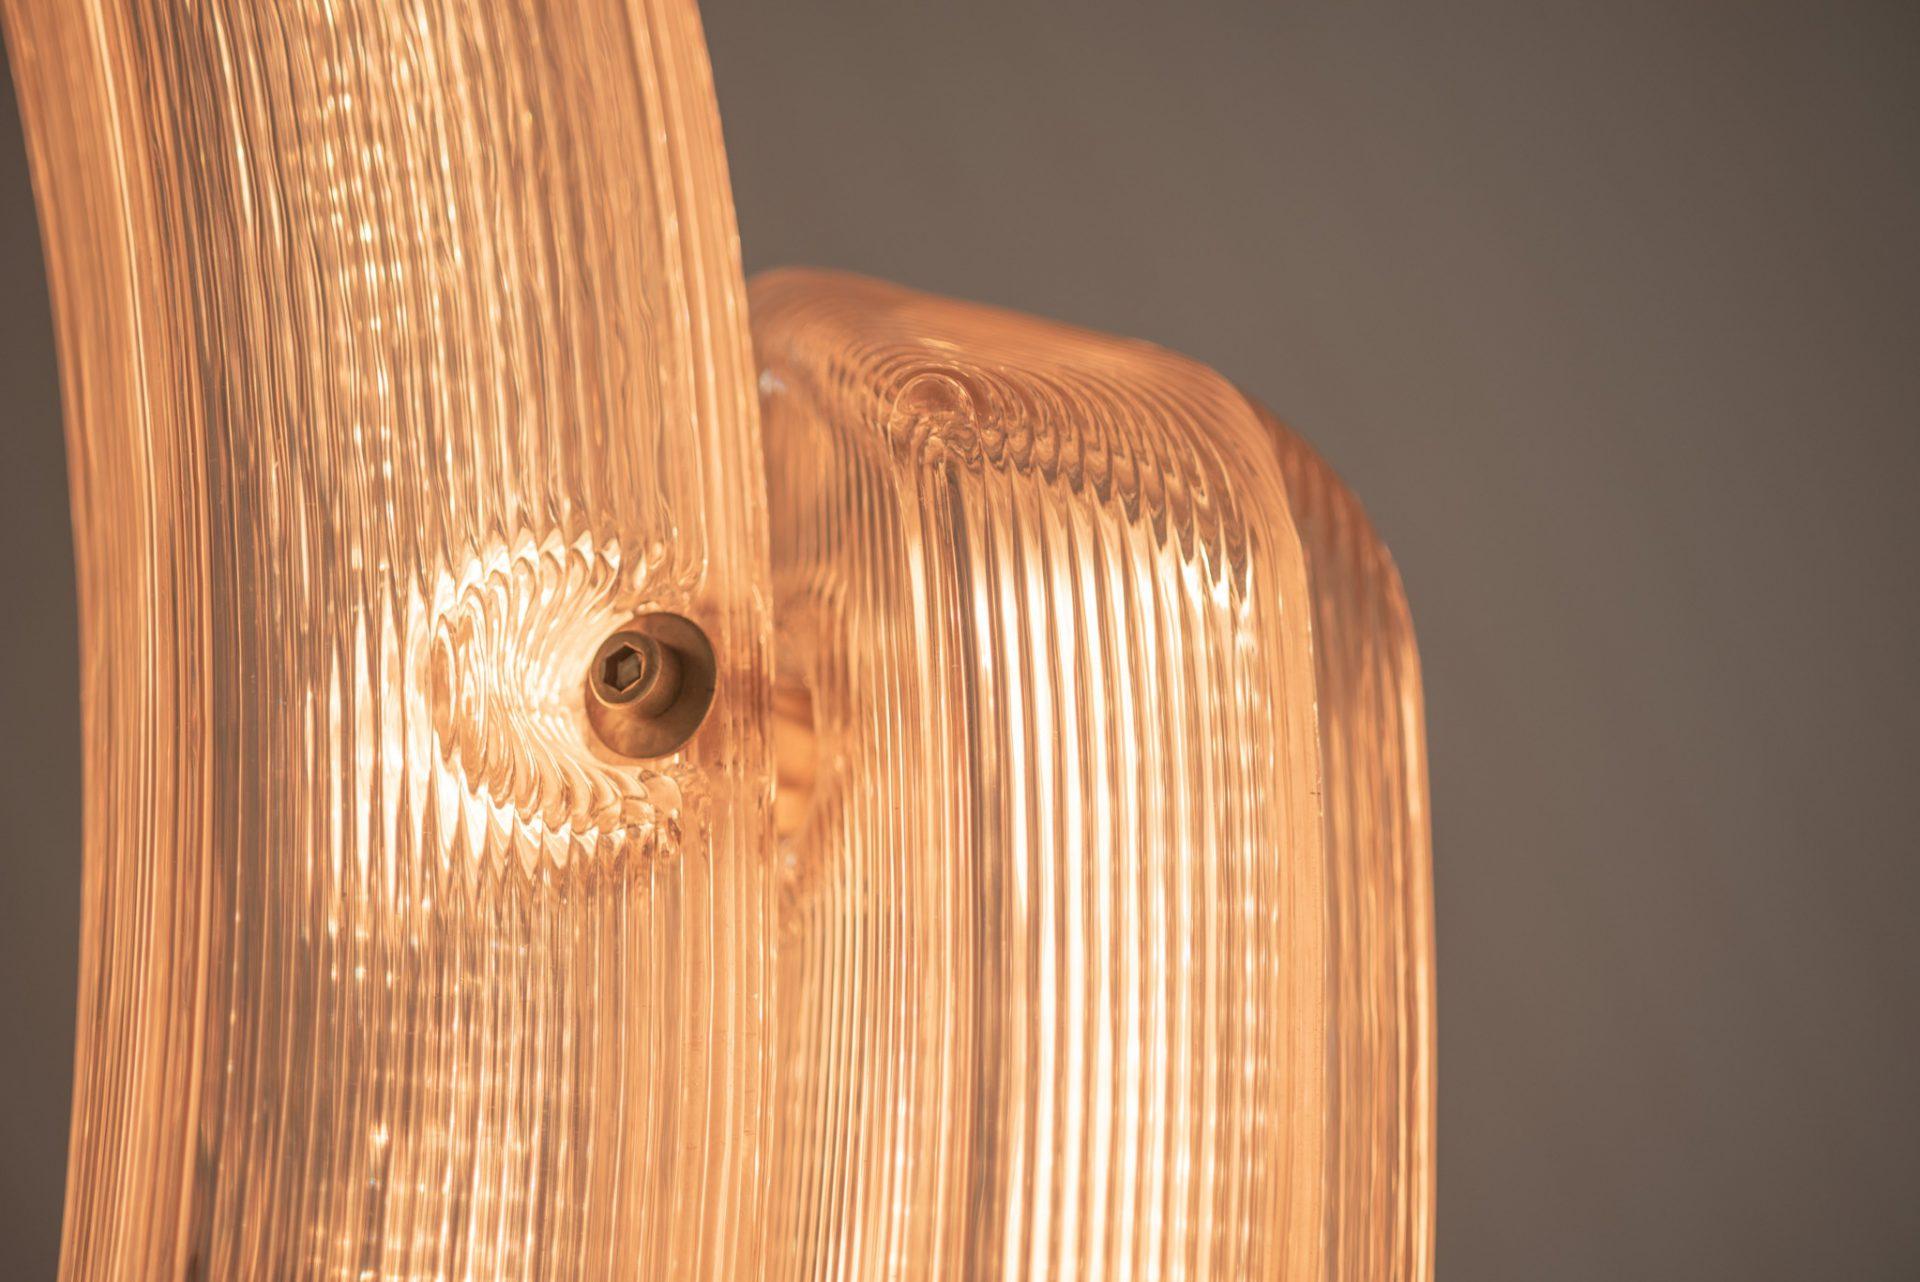 Kooij Buitenhuis Chandelier Light 120 cm super close